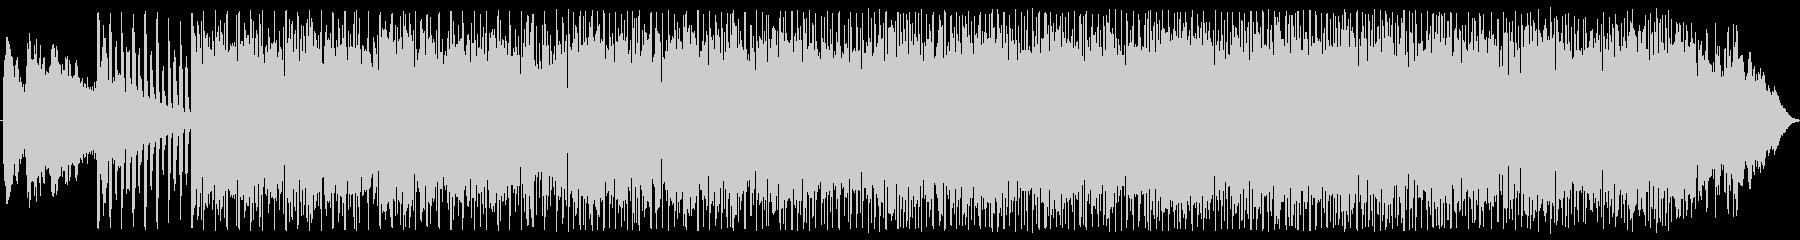 小気味よいラテン+ラウンジテイスト楽曲の未再生の波形